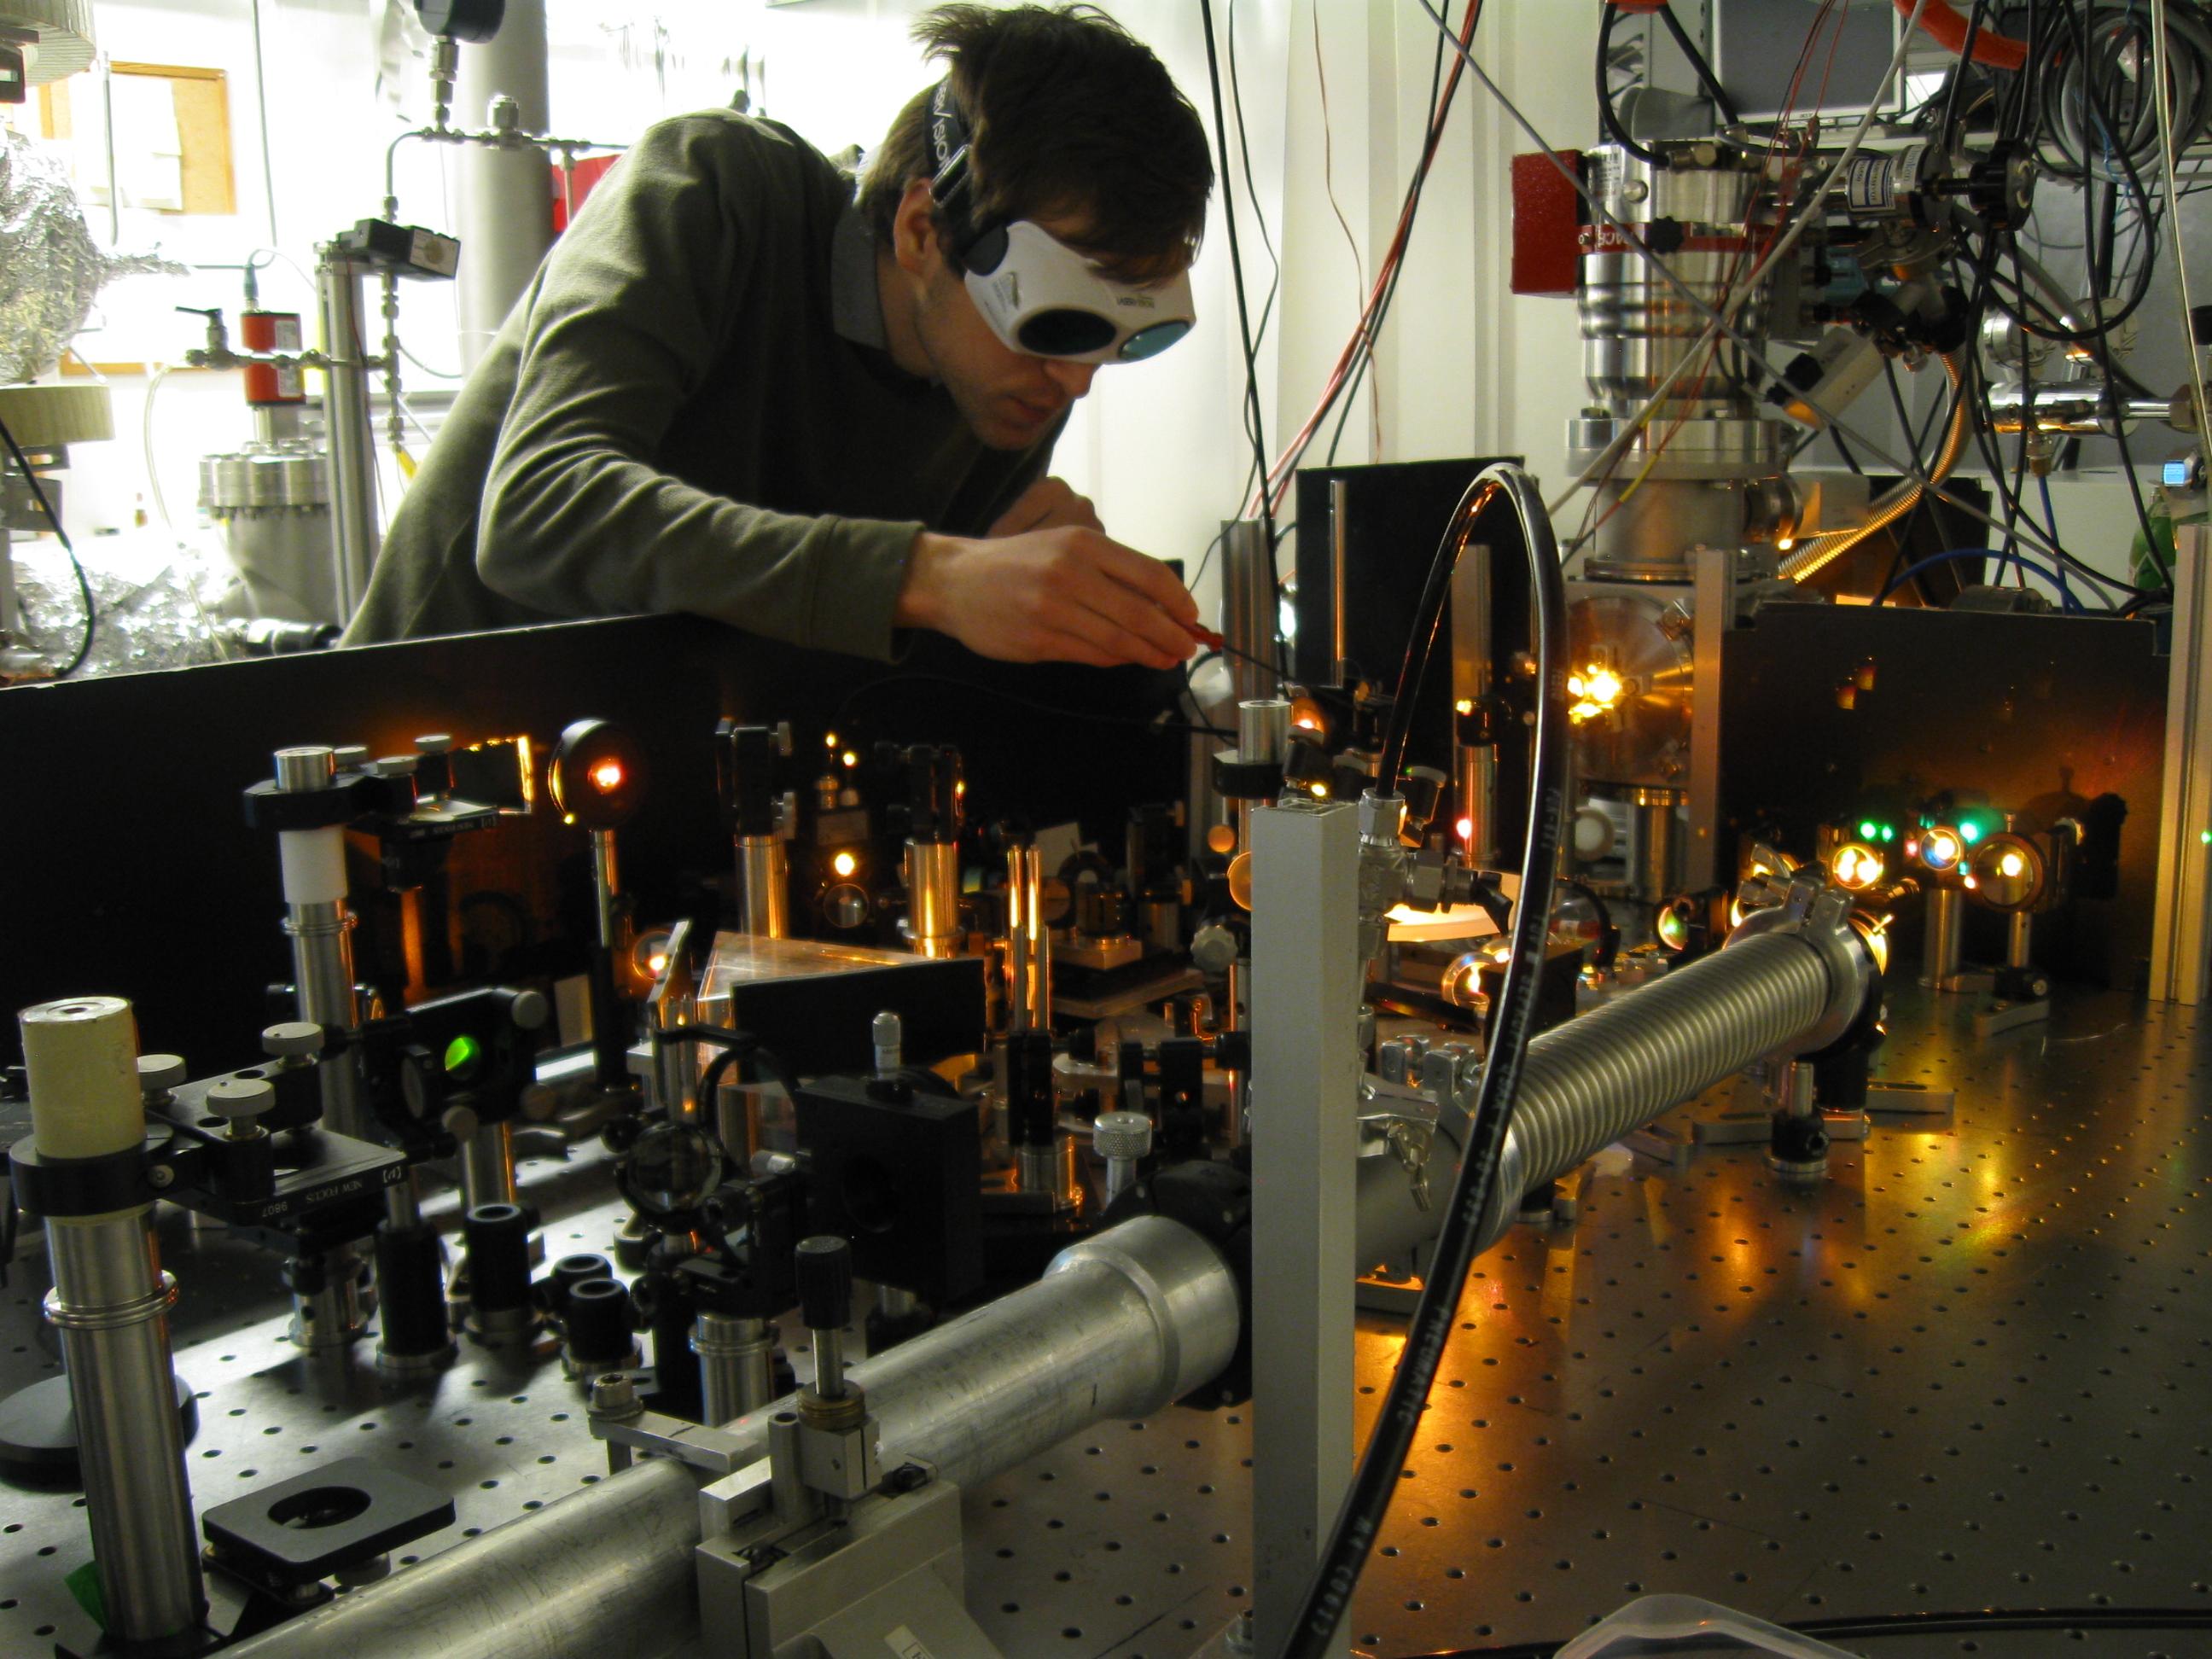 Práce na distribuci laserového svazku. Aby bylo dosaženo co nejkratších impulzů, musí být svazek spektrálně rozšířen pomocí vedení v tenké kapiláře – právě proto odlesky na zrcátkách hrají všemi barvami.